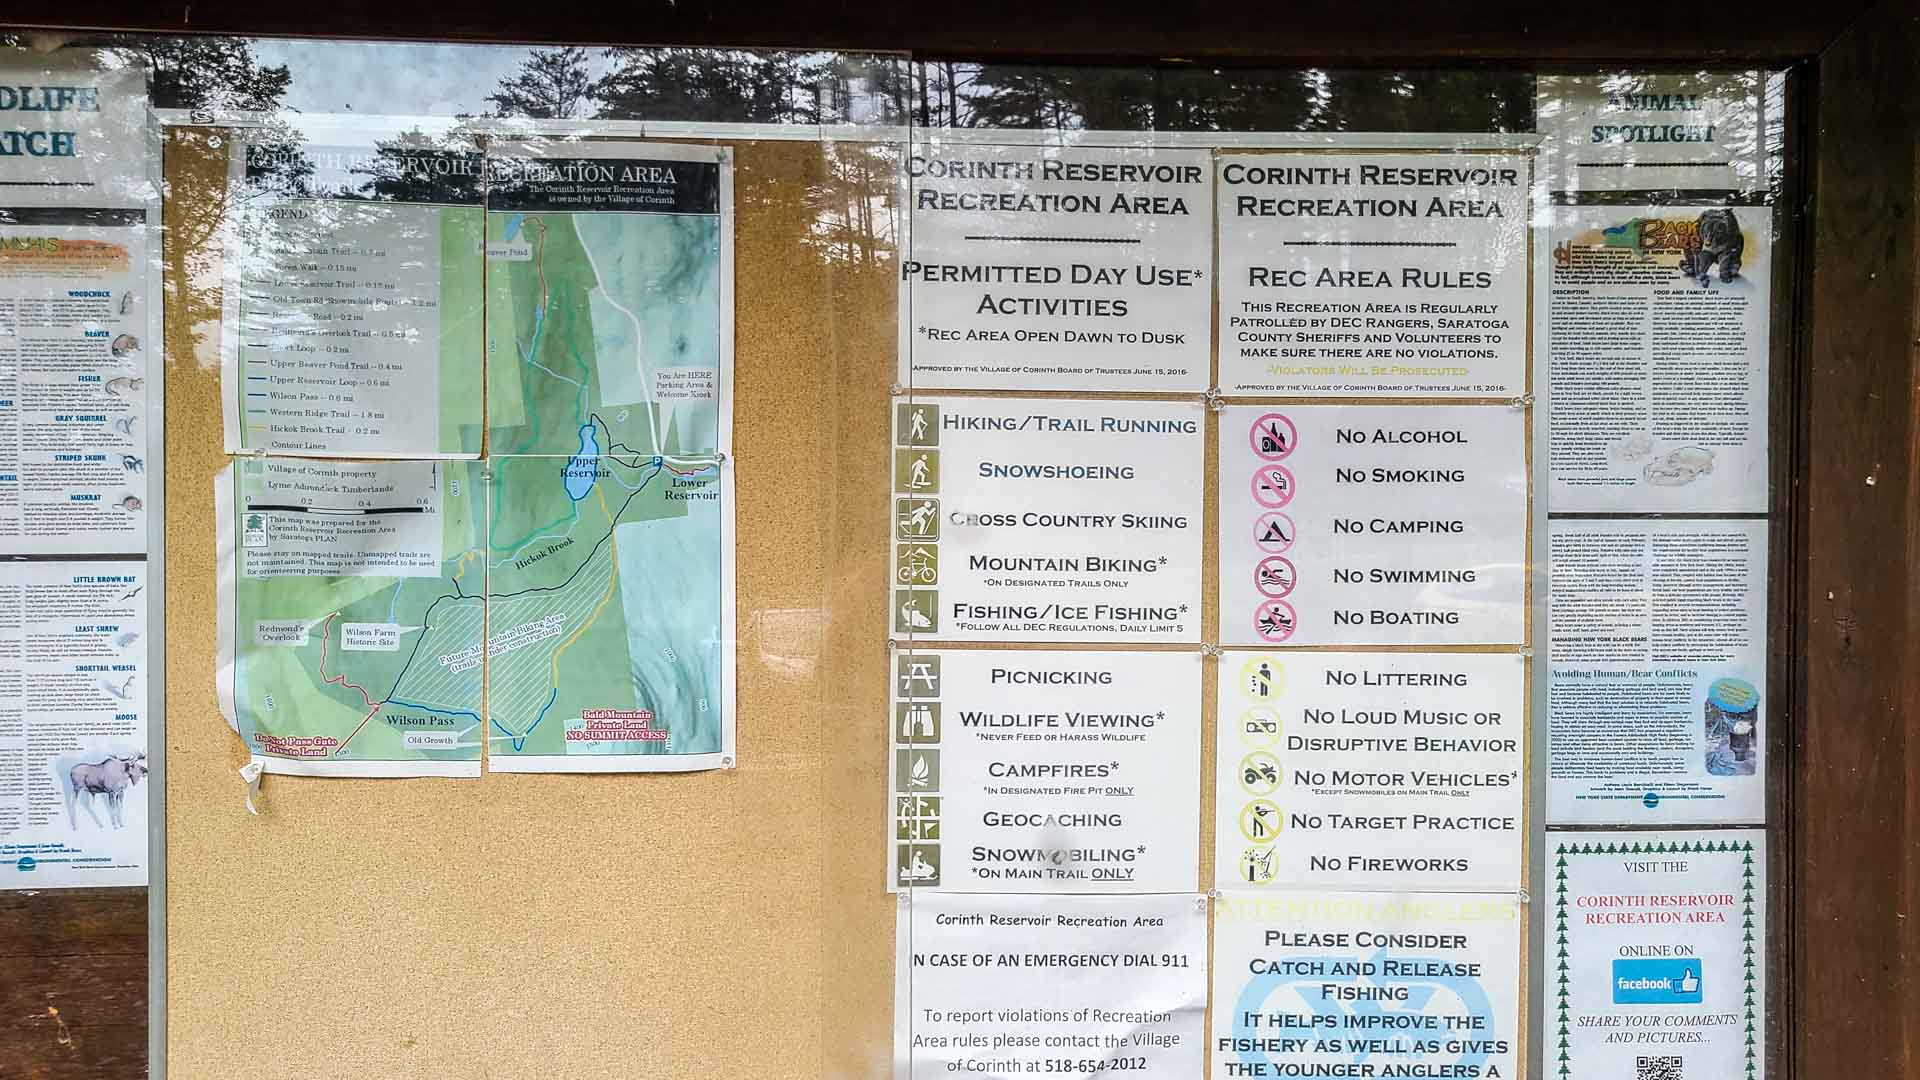 Mapa con las diferentes rutas en en Corinth Reservoir Recreation Area, Adirondack, Nueva York